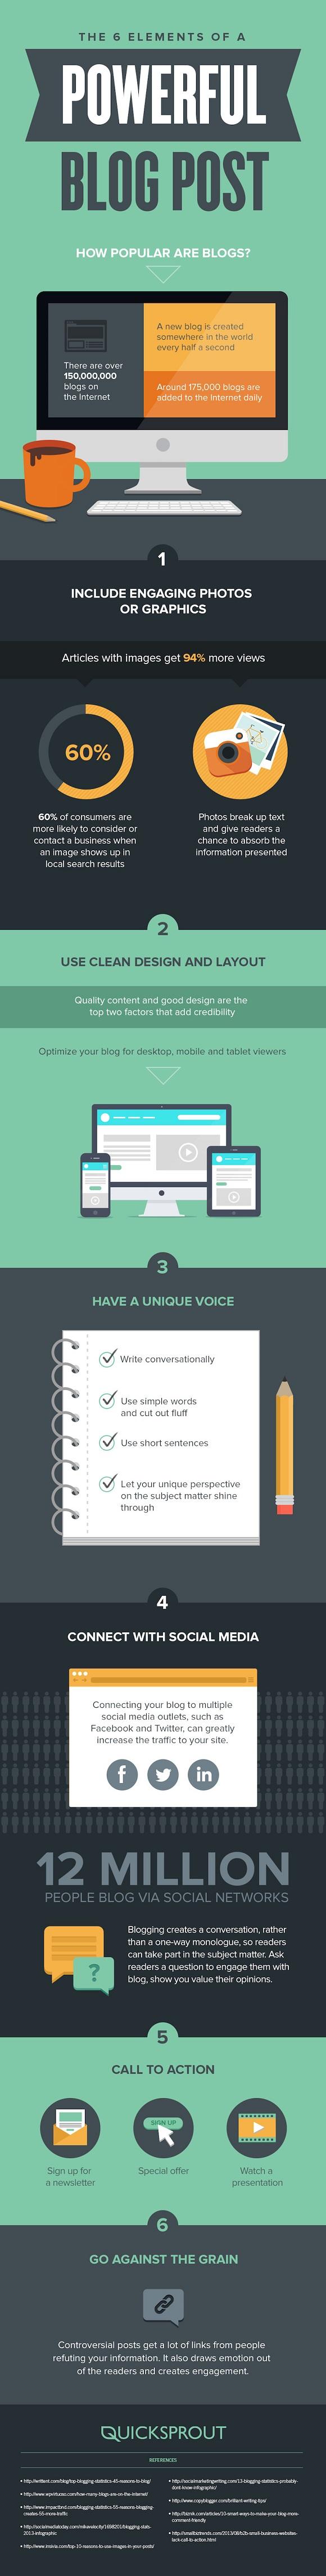 6 consigli per realizzare post efficaci in un blog